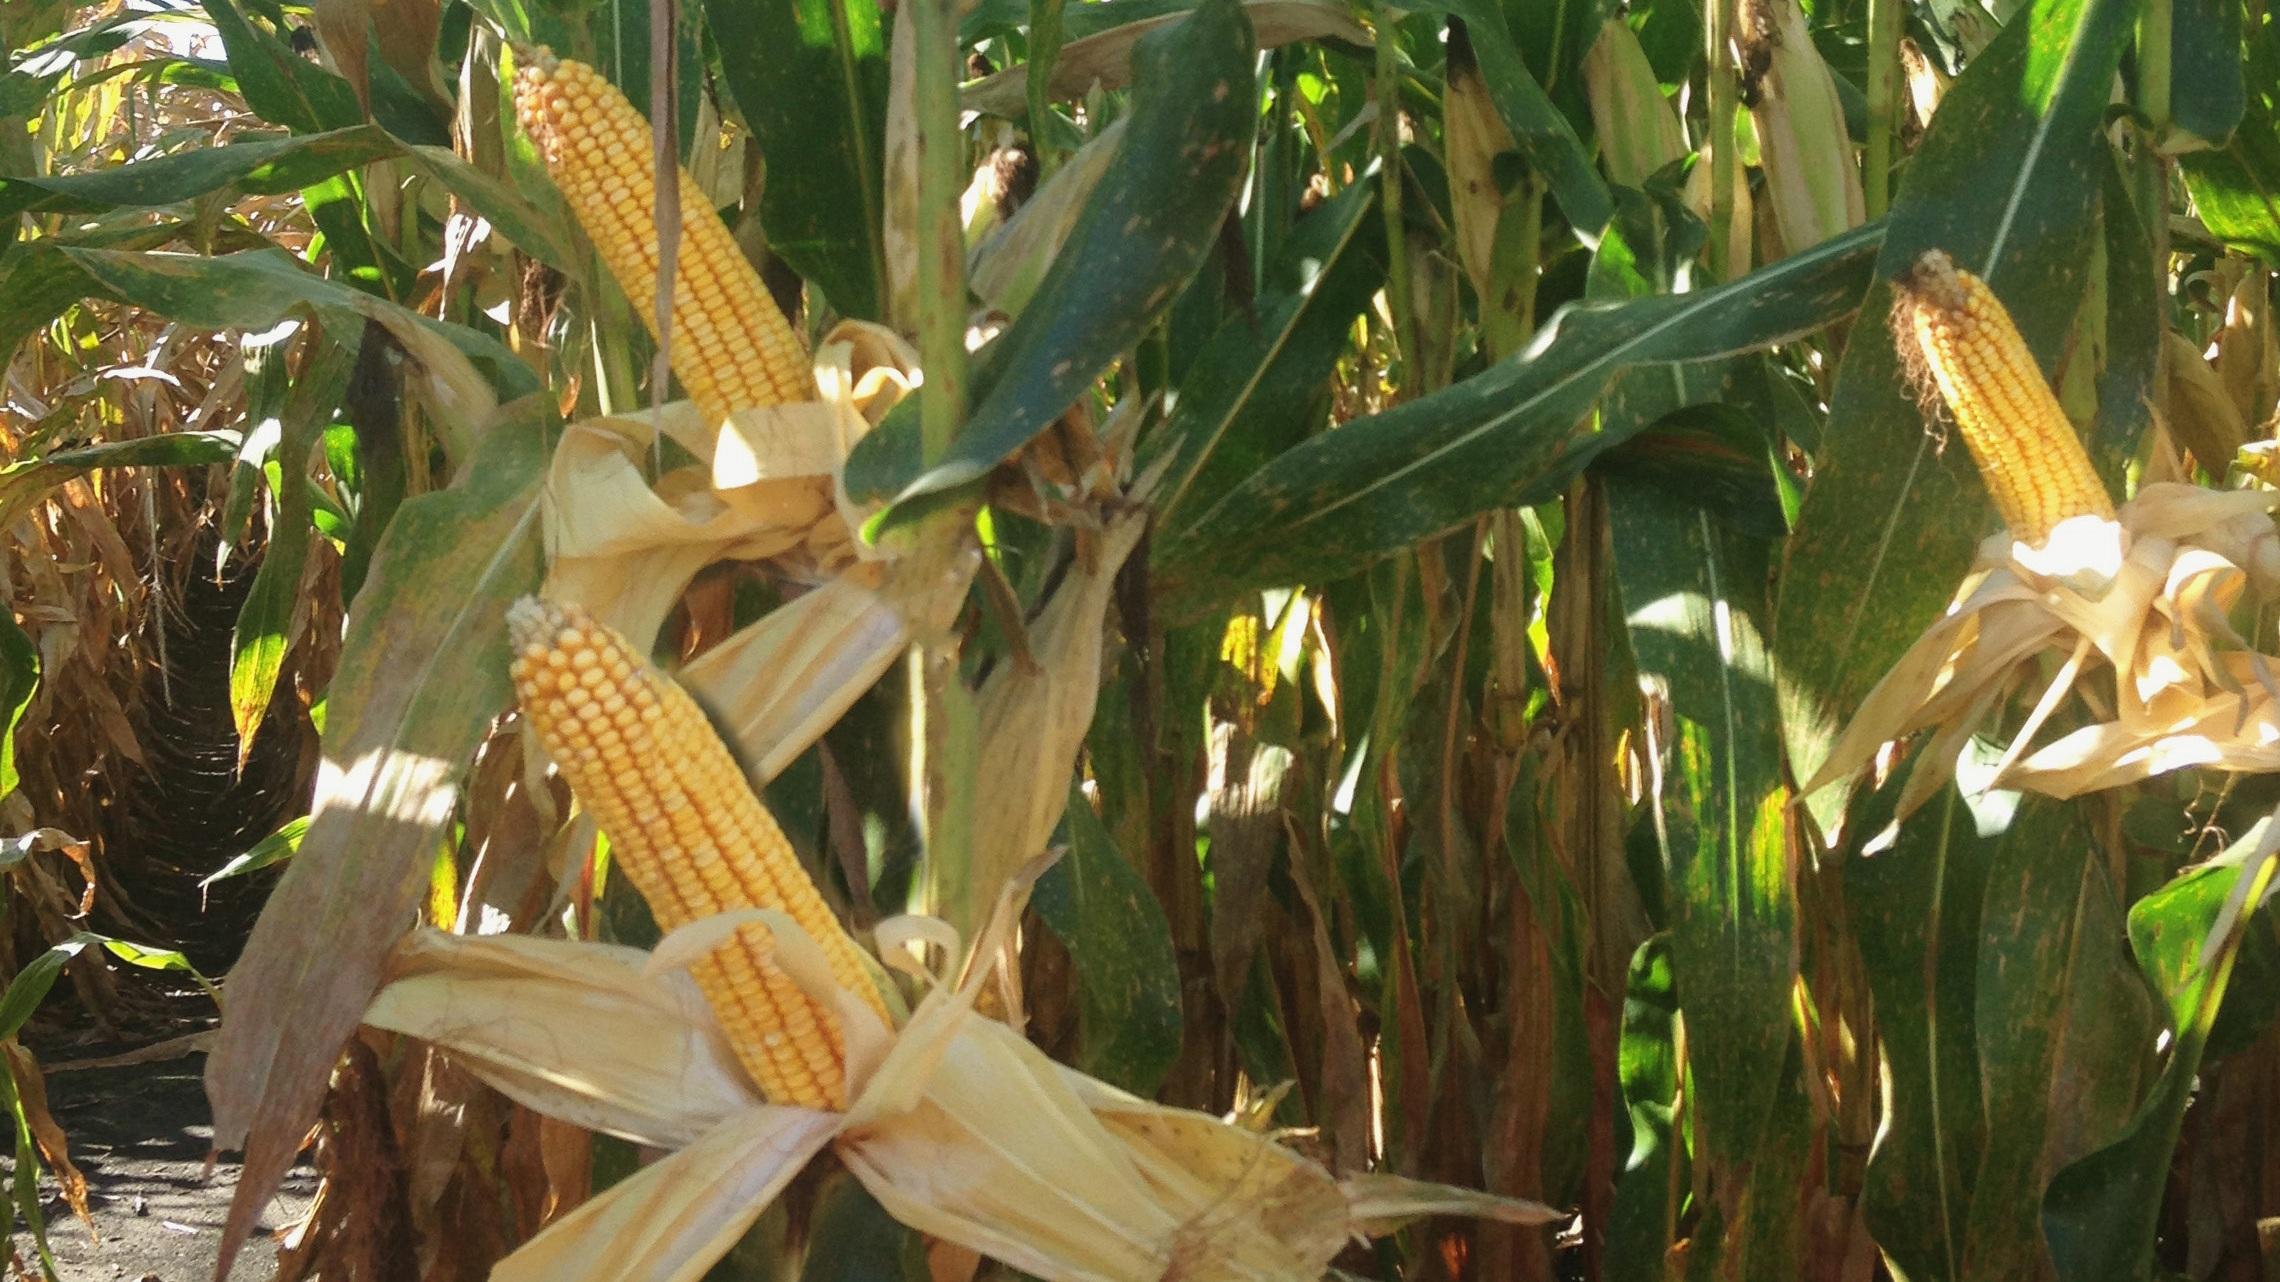 - Corn